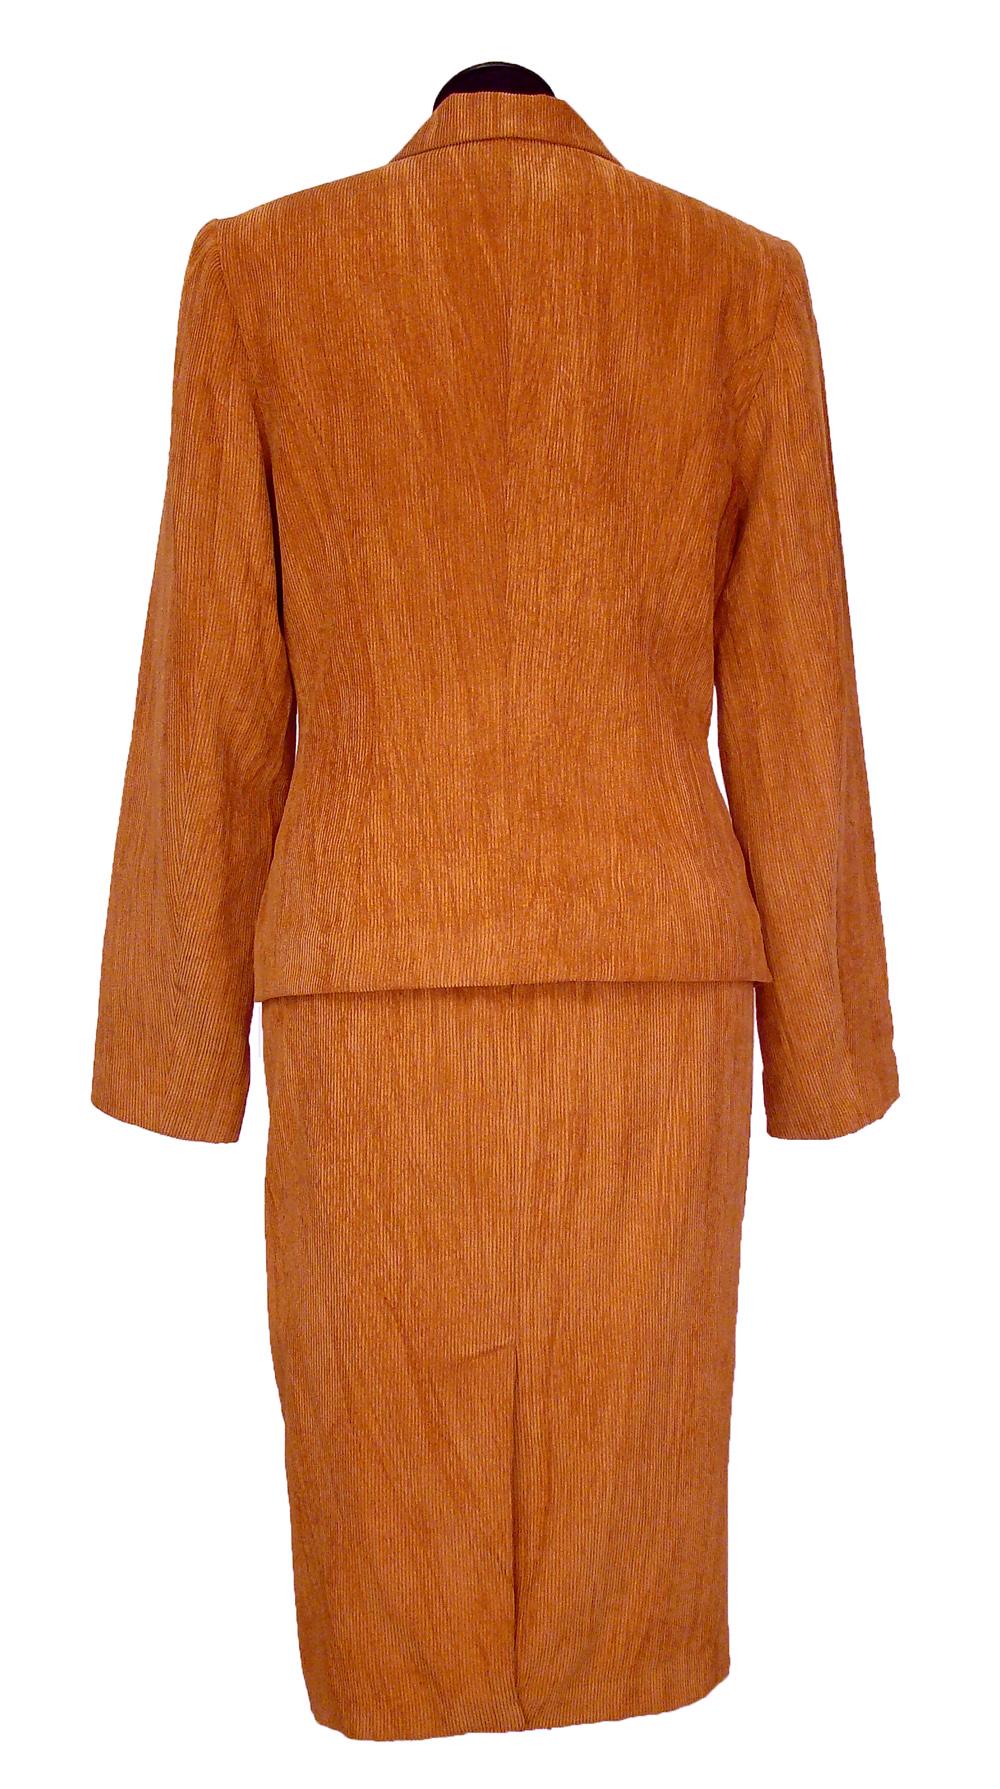 Вельветовый костюм женский доставка